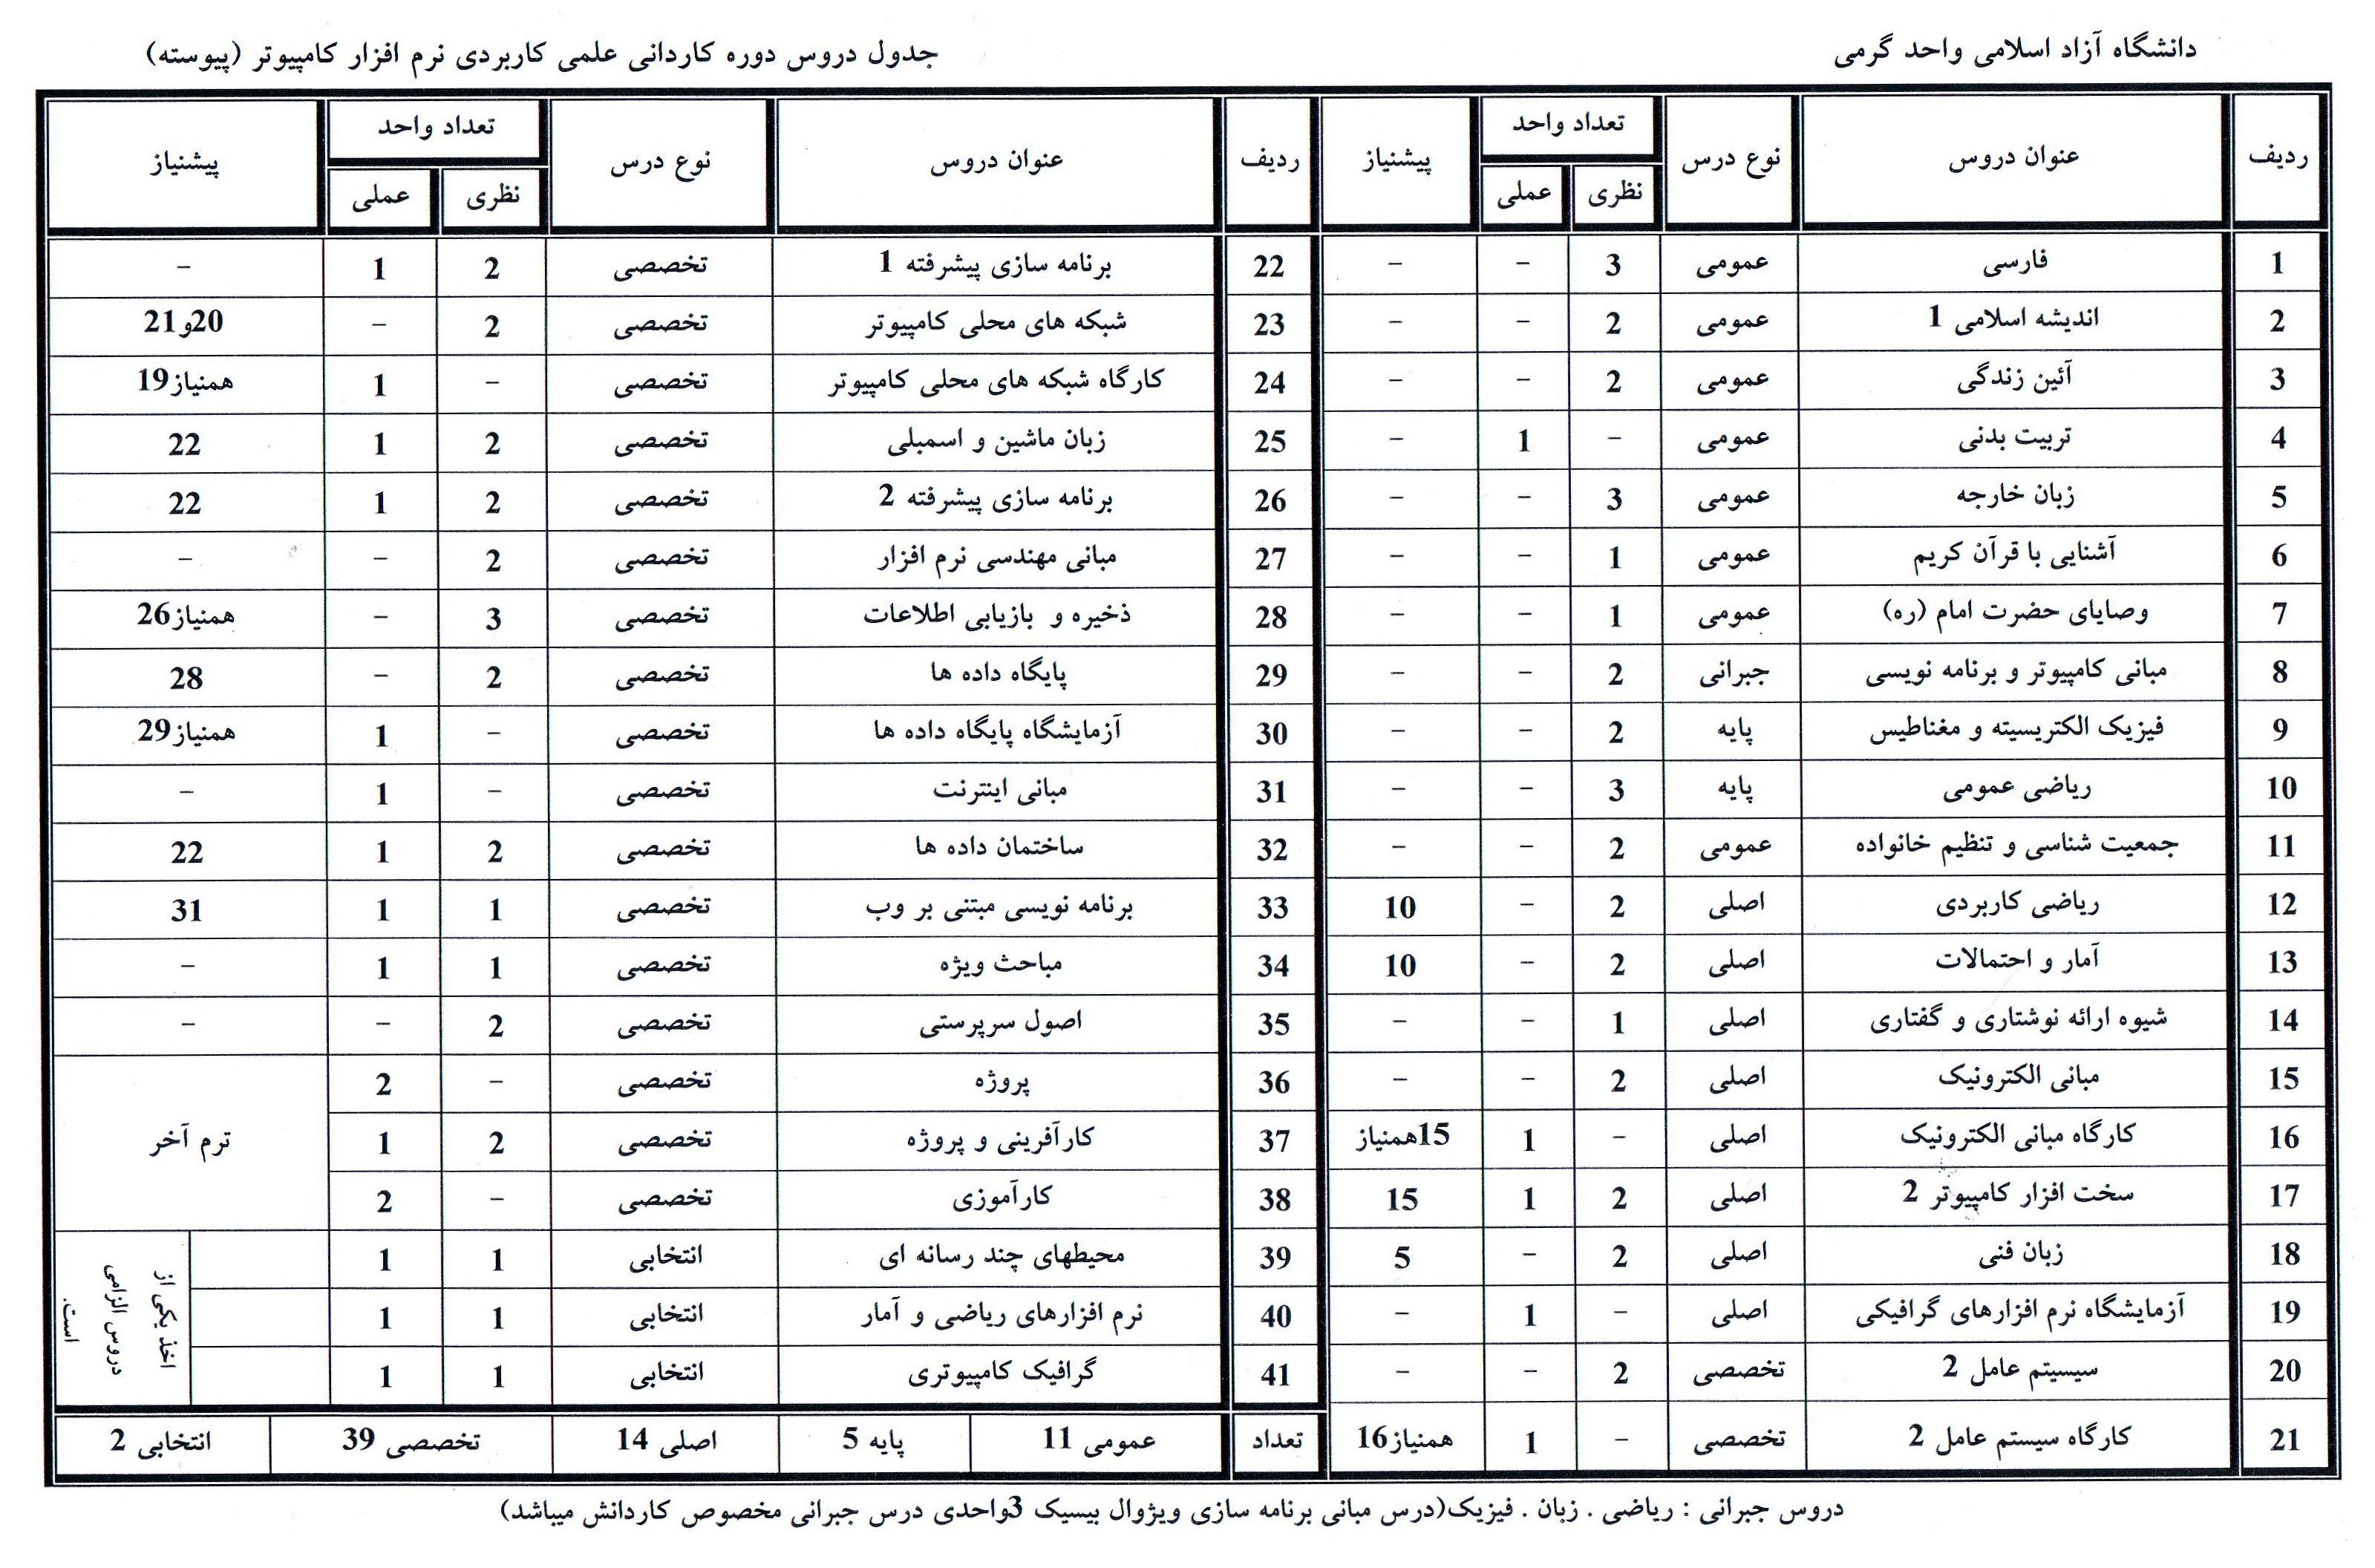 جدول دروس کاردانی نرم افزار کامپیوتر (پیوسته ) دانشگاه آزاد گرمی